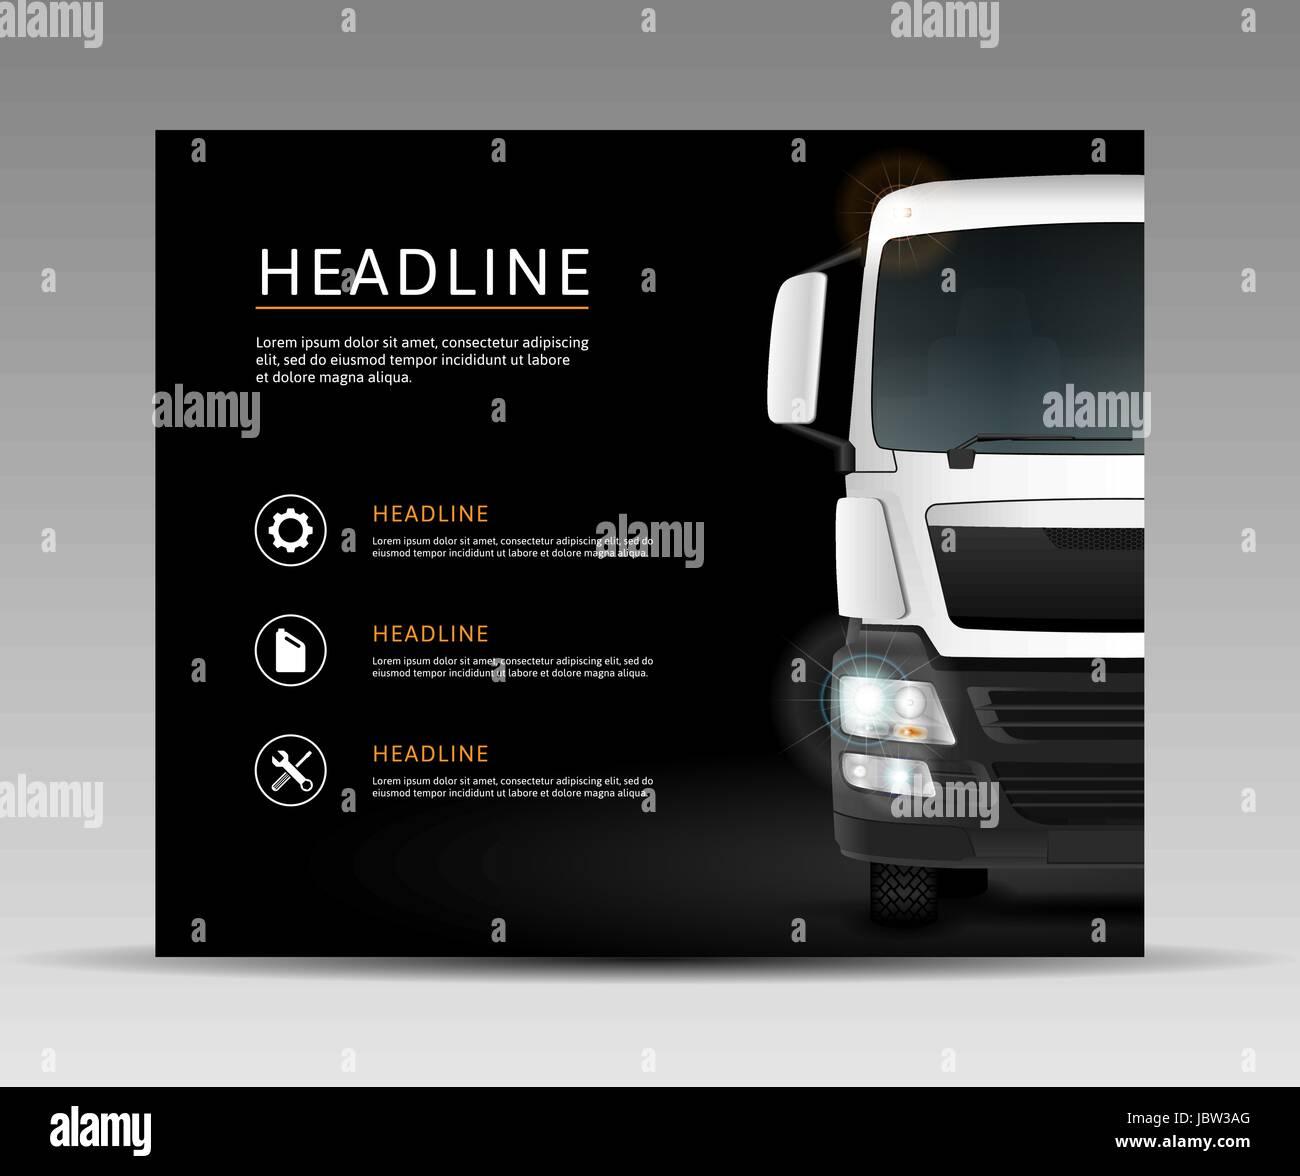 Camion Blanc Sur Fond Noir Modle De Service Voiture Brochure Couverture Bannire Flyer Carte Visite Design Publicitaire